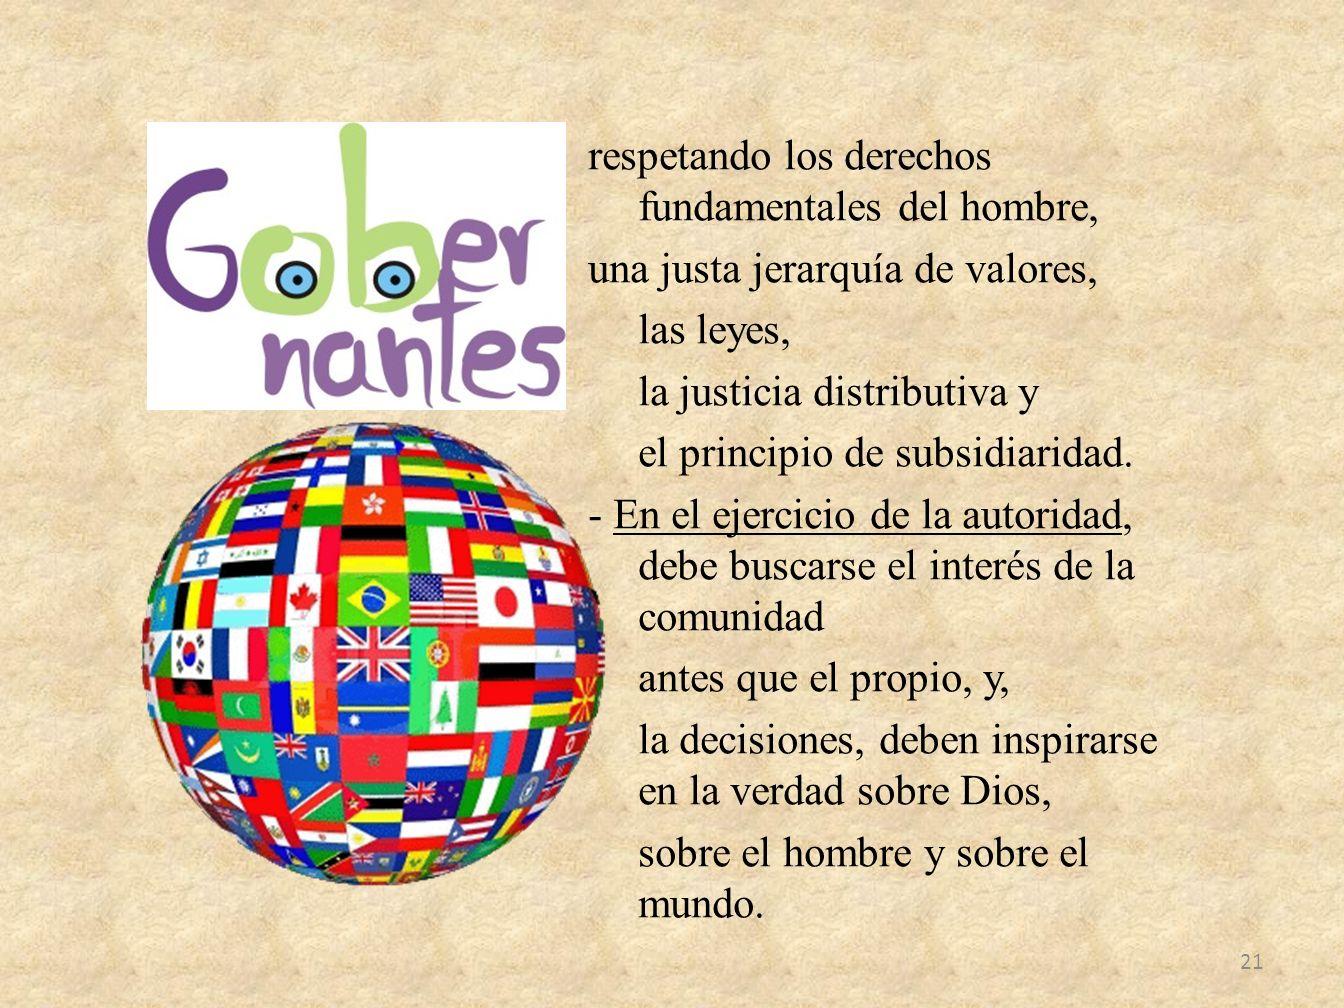 respetando los derechos fundamentales del hombre, una justa jerarquía de valores, las leyes, la justicia distributiva y el principio de subsidiaridad.